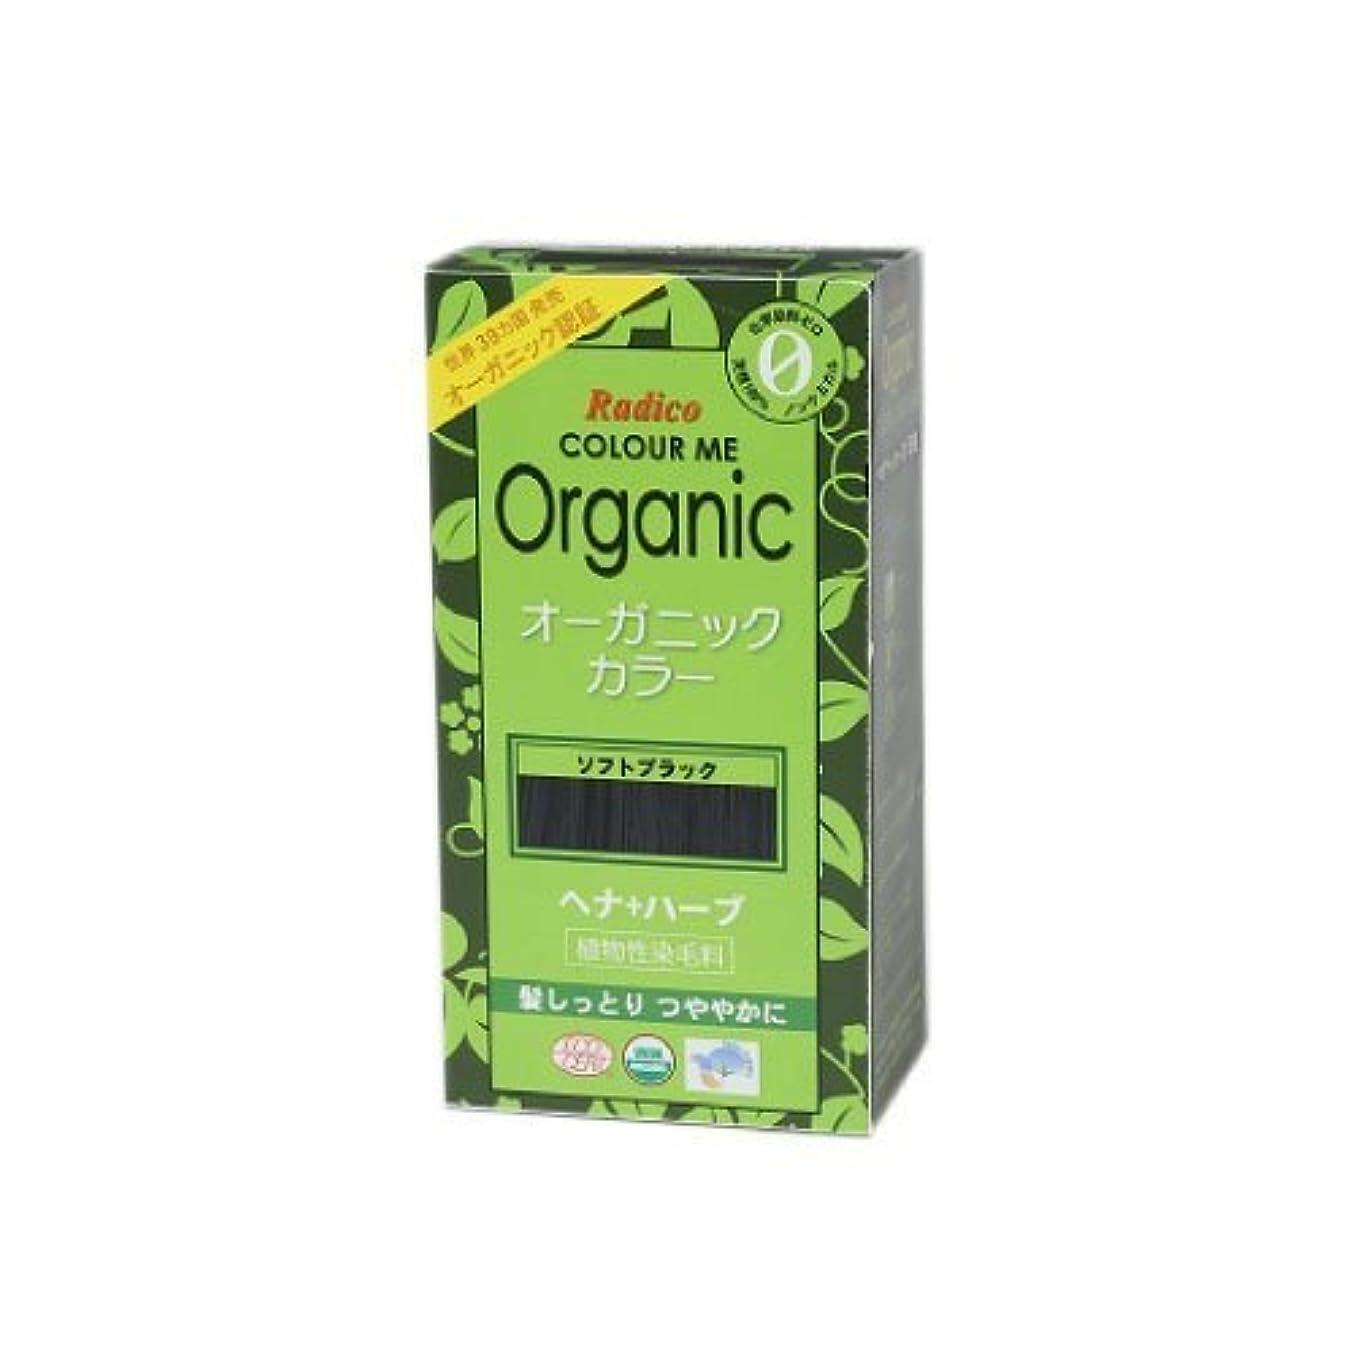 おもしろい緑どこにもCOLOURME Organic (カラーミーオーガニック ヘナ 白髪用 髪色戻し) ソフトブラック 100g